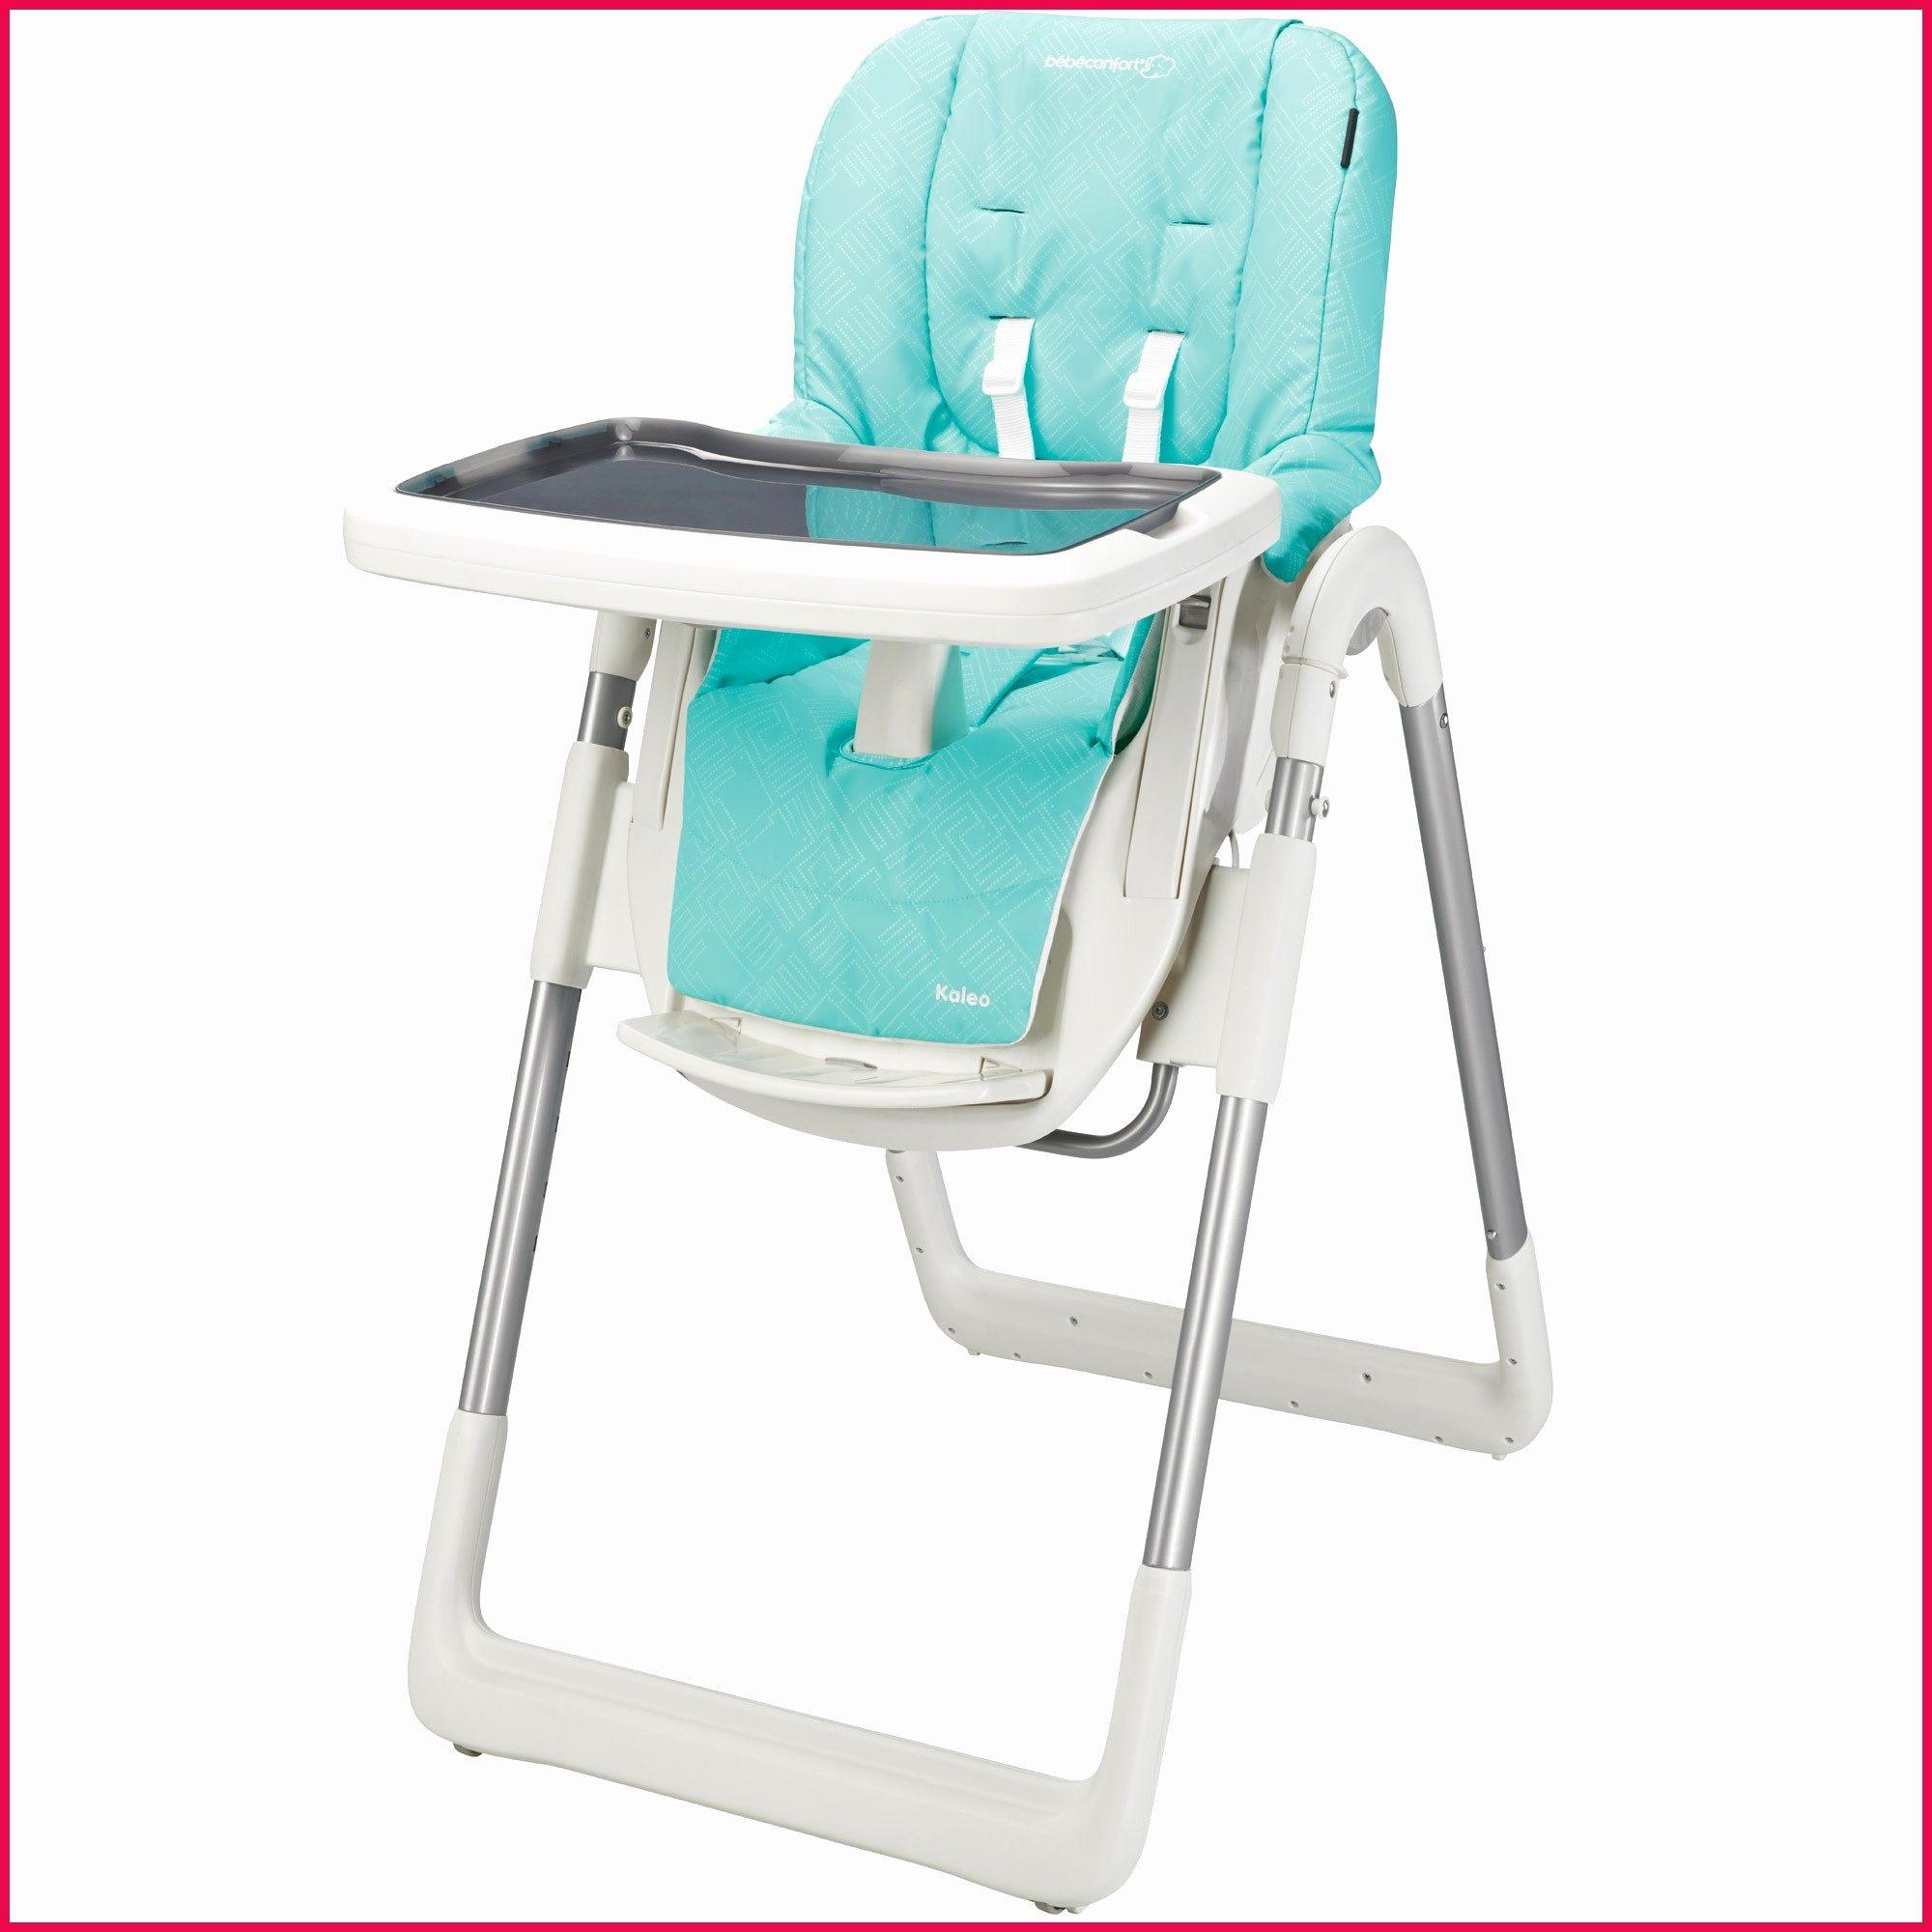 Lit Bébé De Voyage De Luxe Chaise Haute Pliante Bébé Inspirational Chaise Chaise Haute Pliante